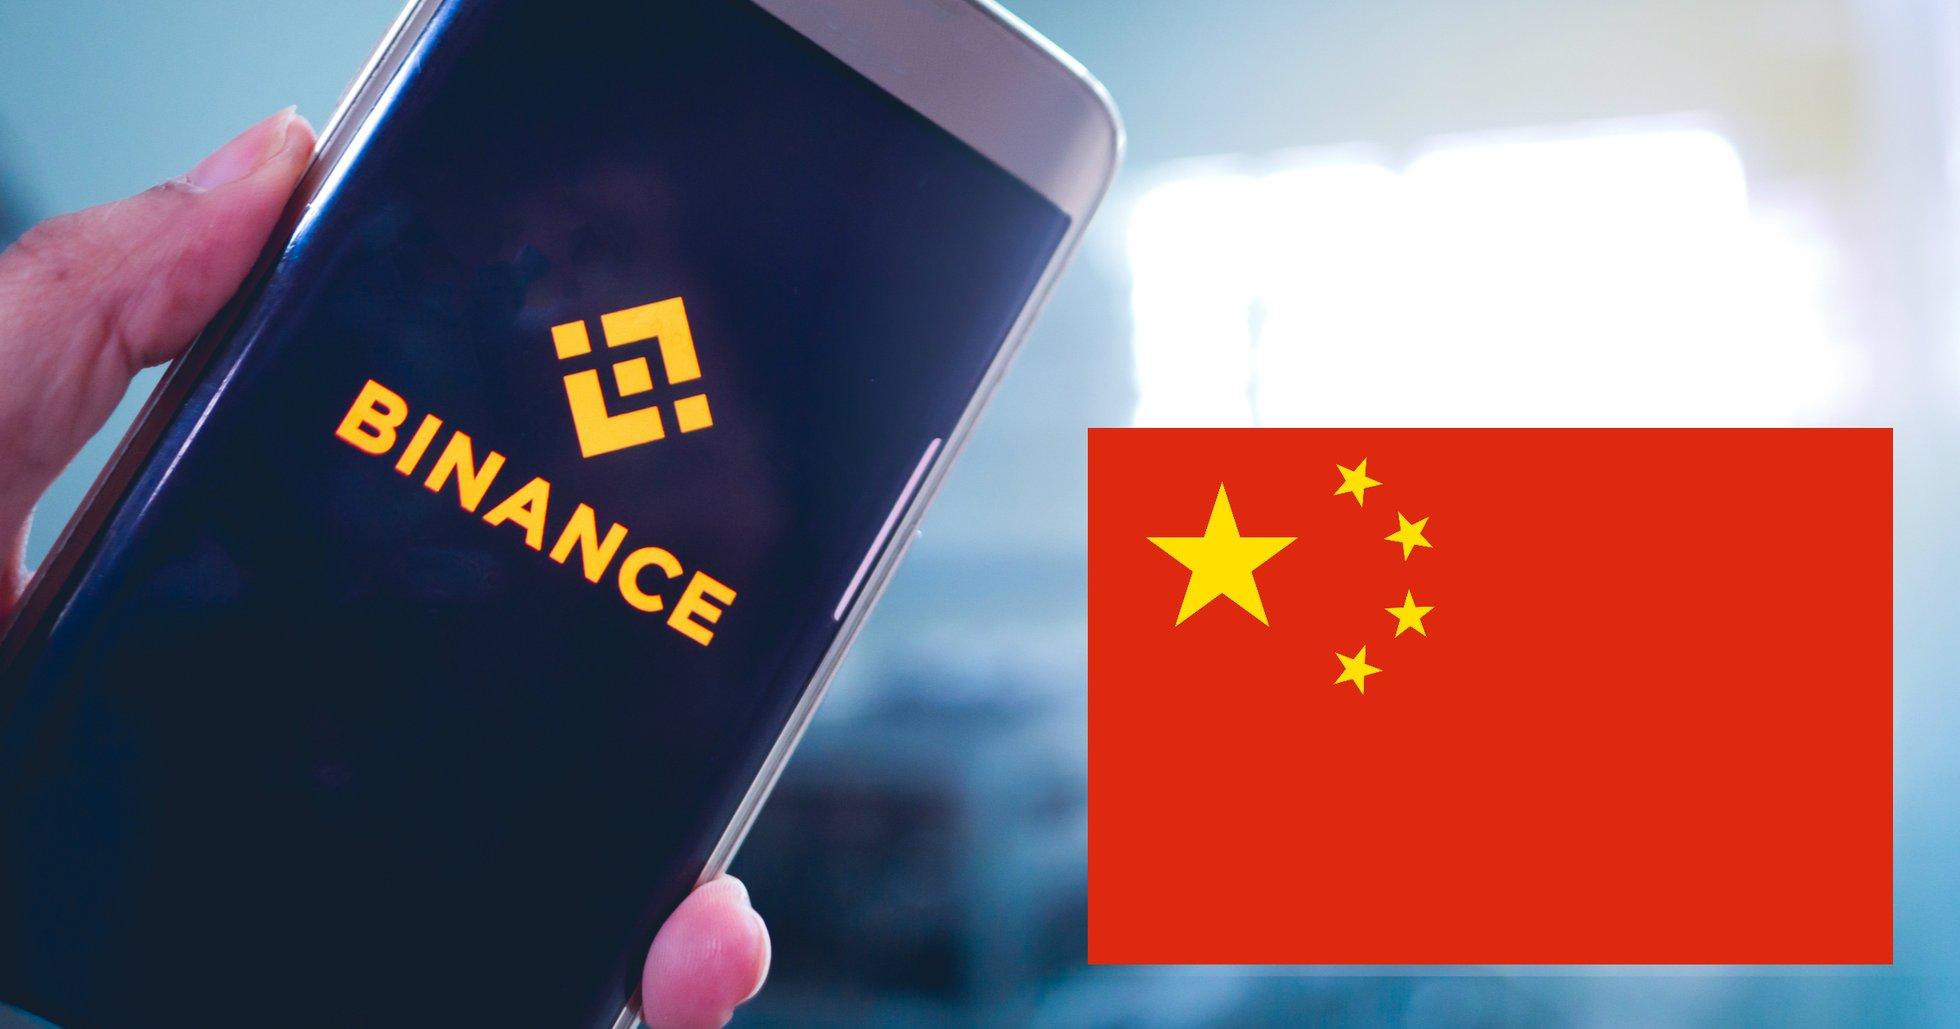 Källor: Binance planerar att öppna kontor i Peking.